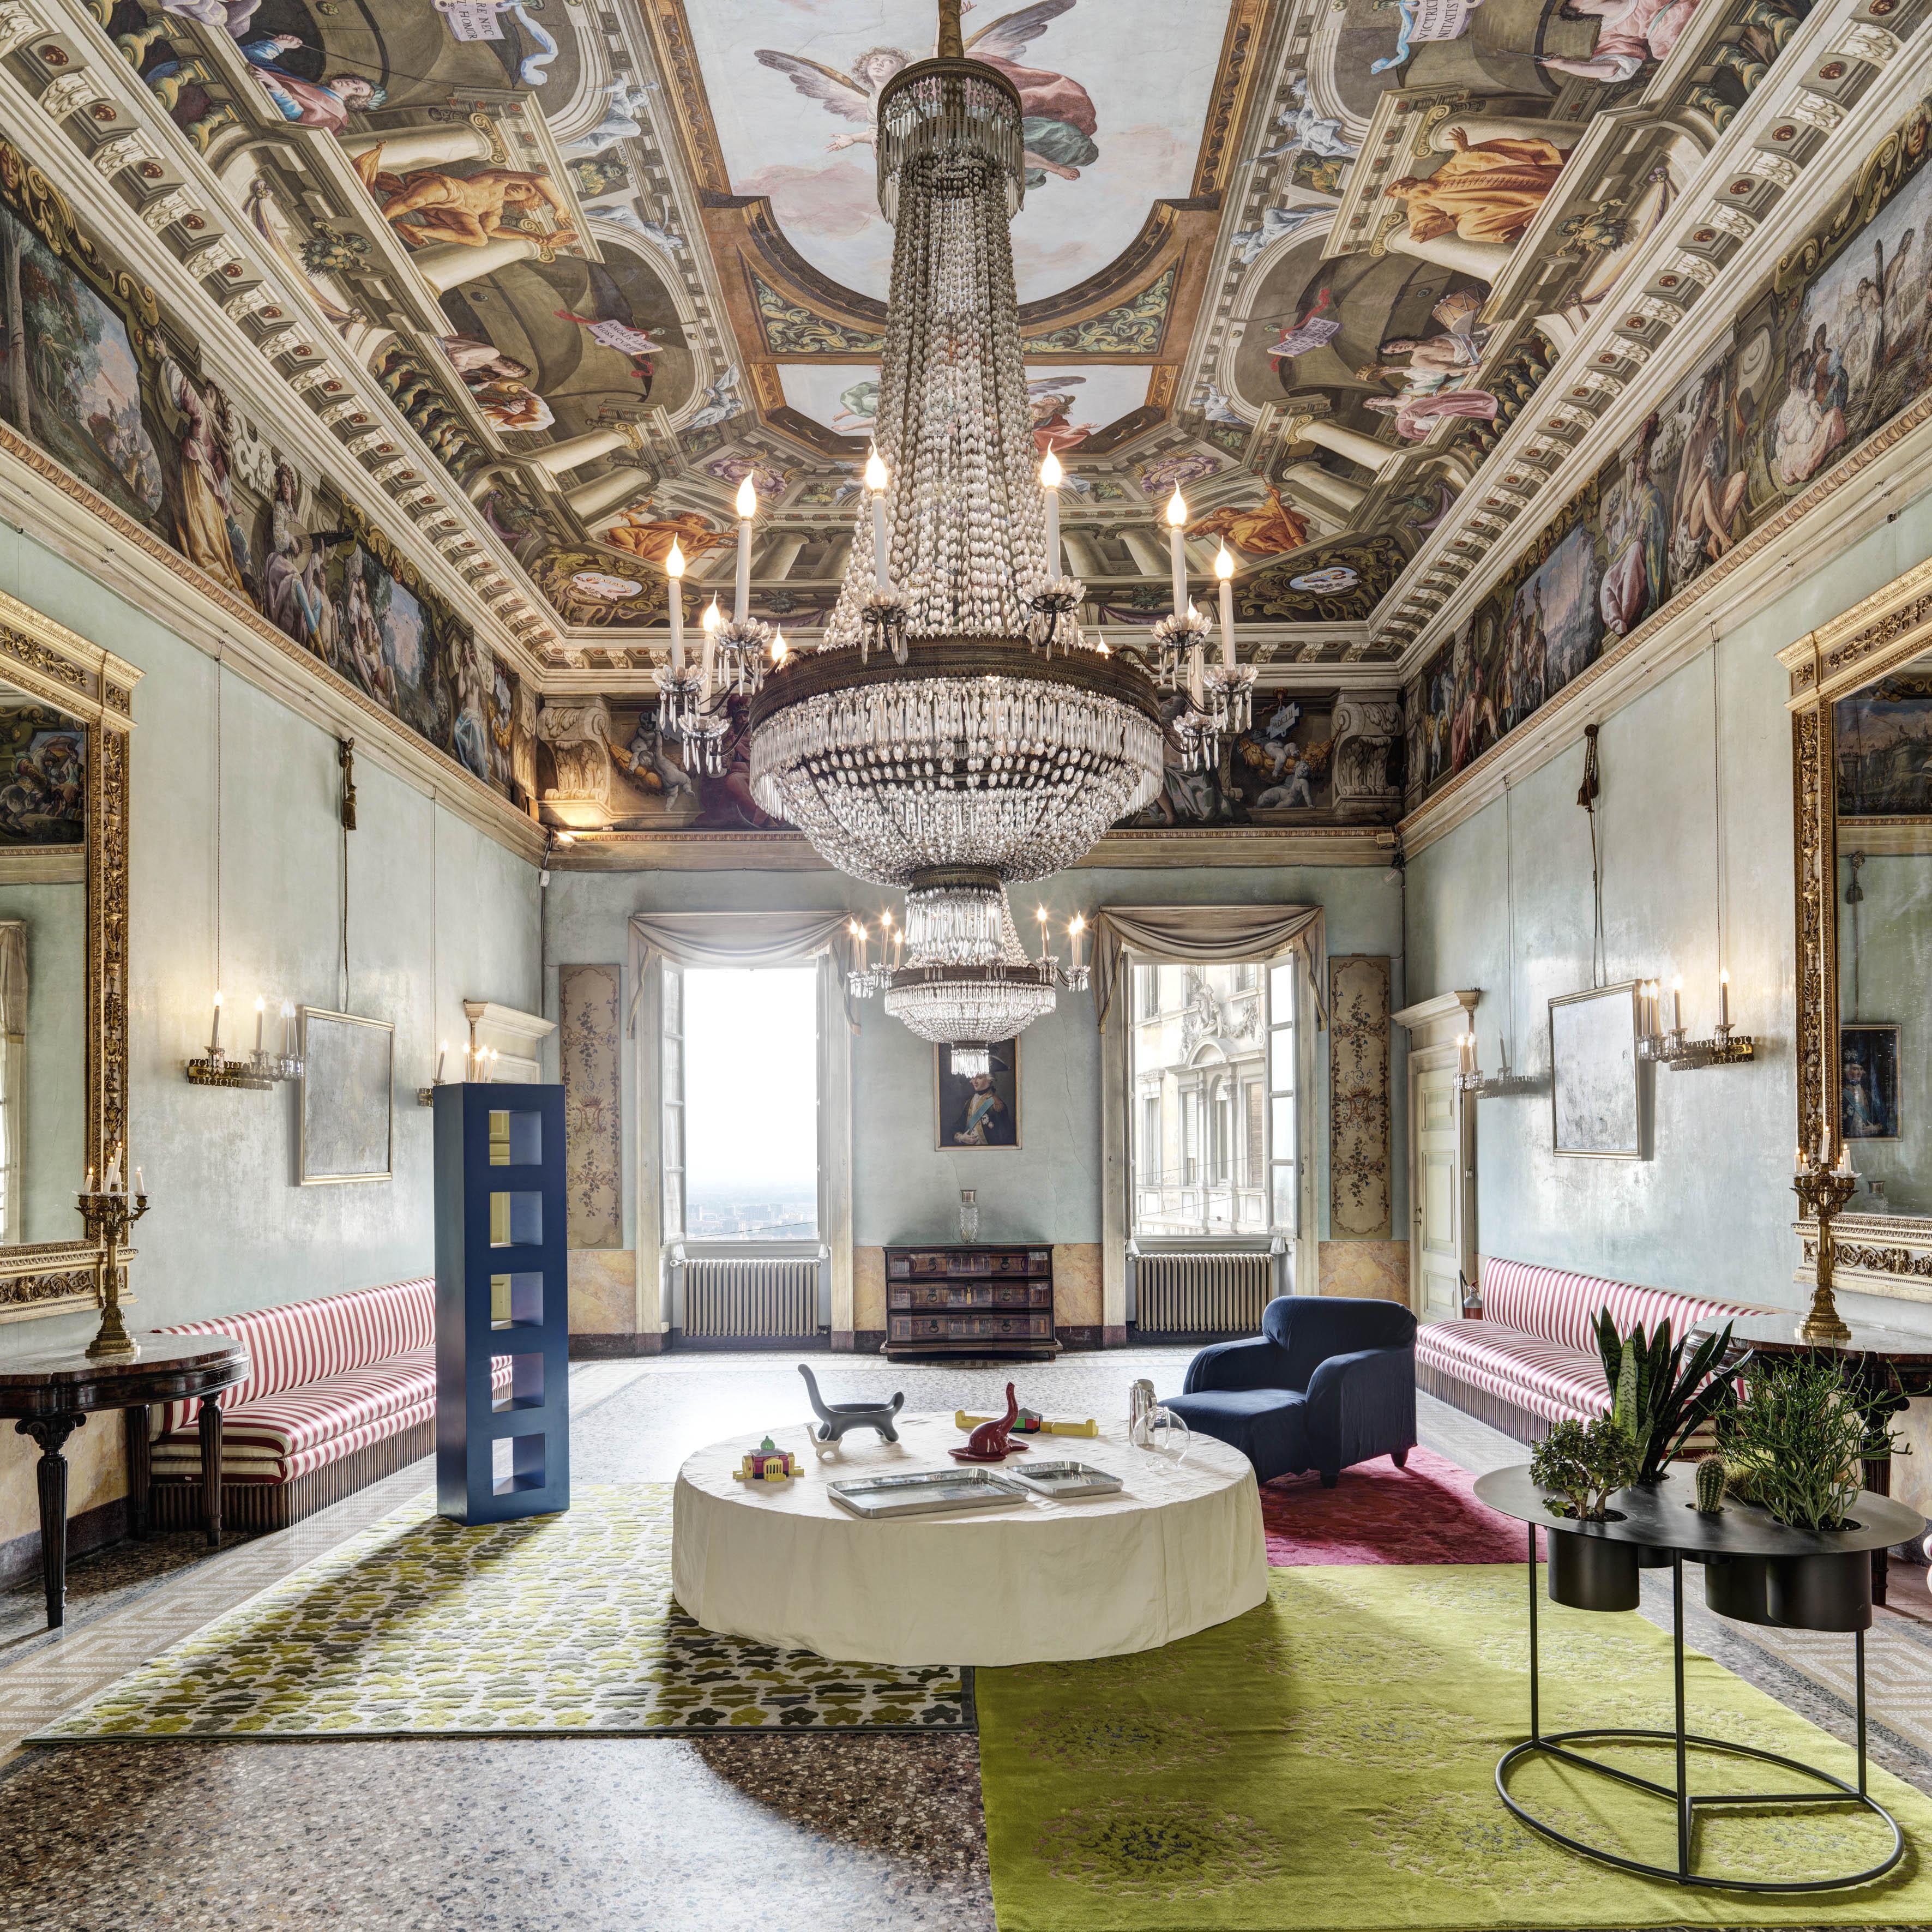 Dimore design bergamo ecco il design che contamina i for Interior design italiani